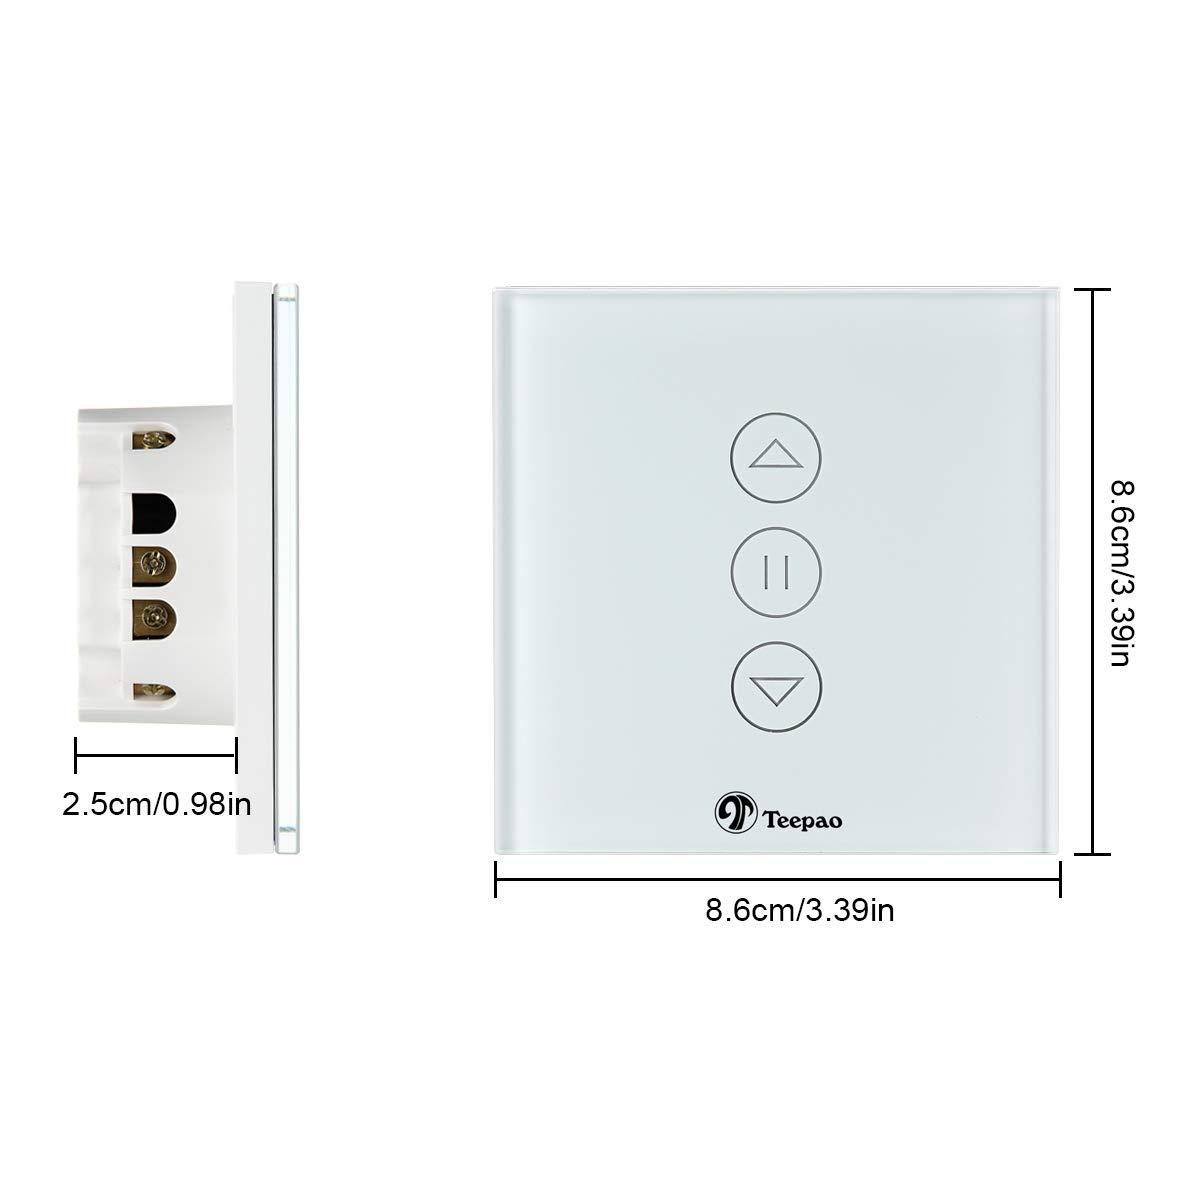 Teepao Smart-Rollladen-Schalter